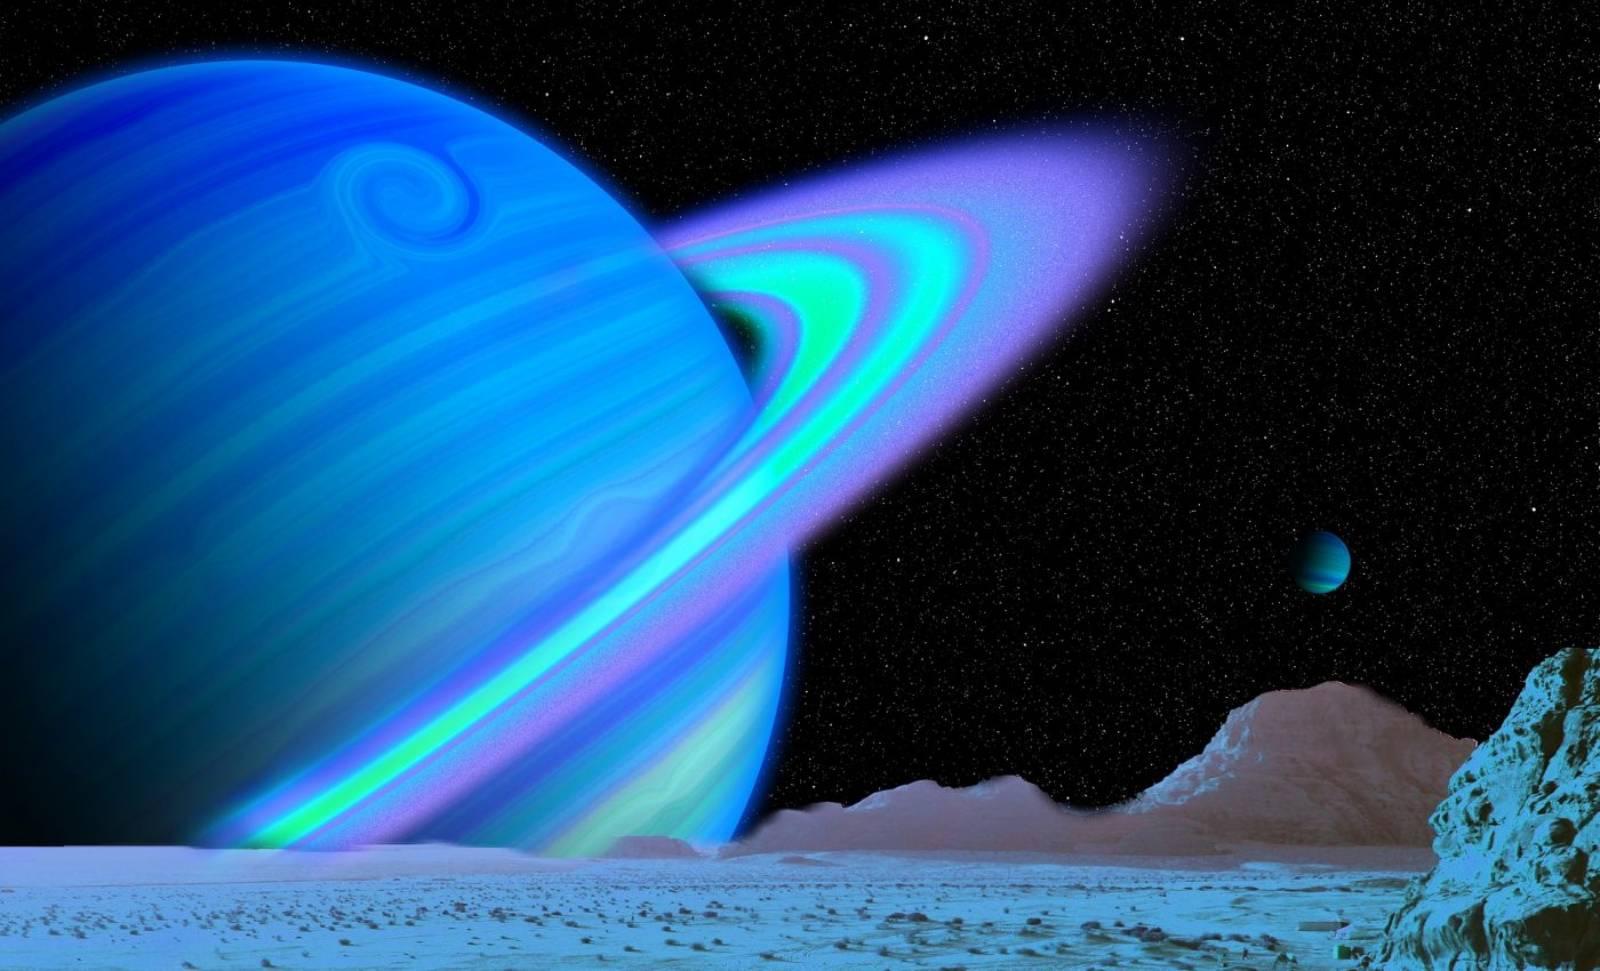 Planet Uranus Ammonia